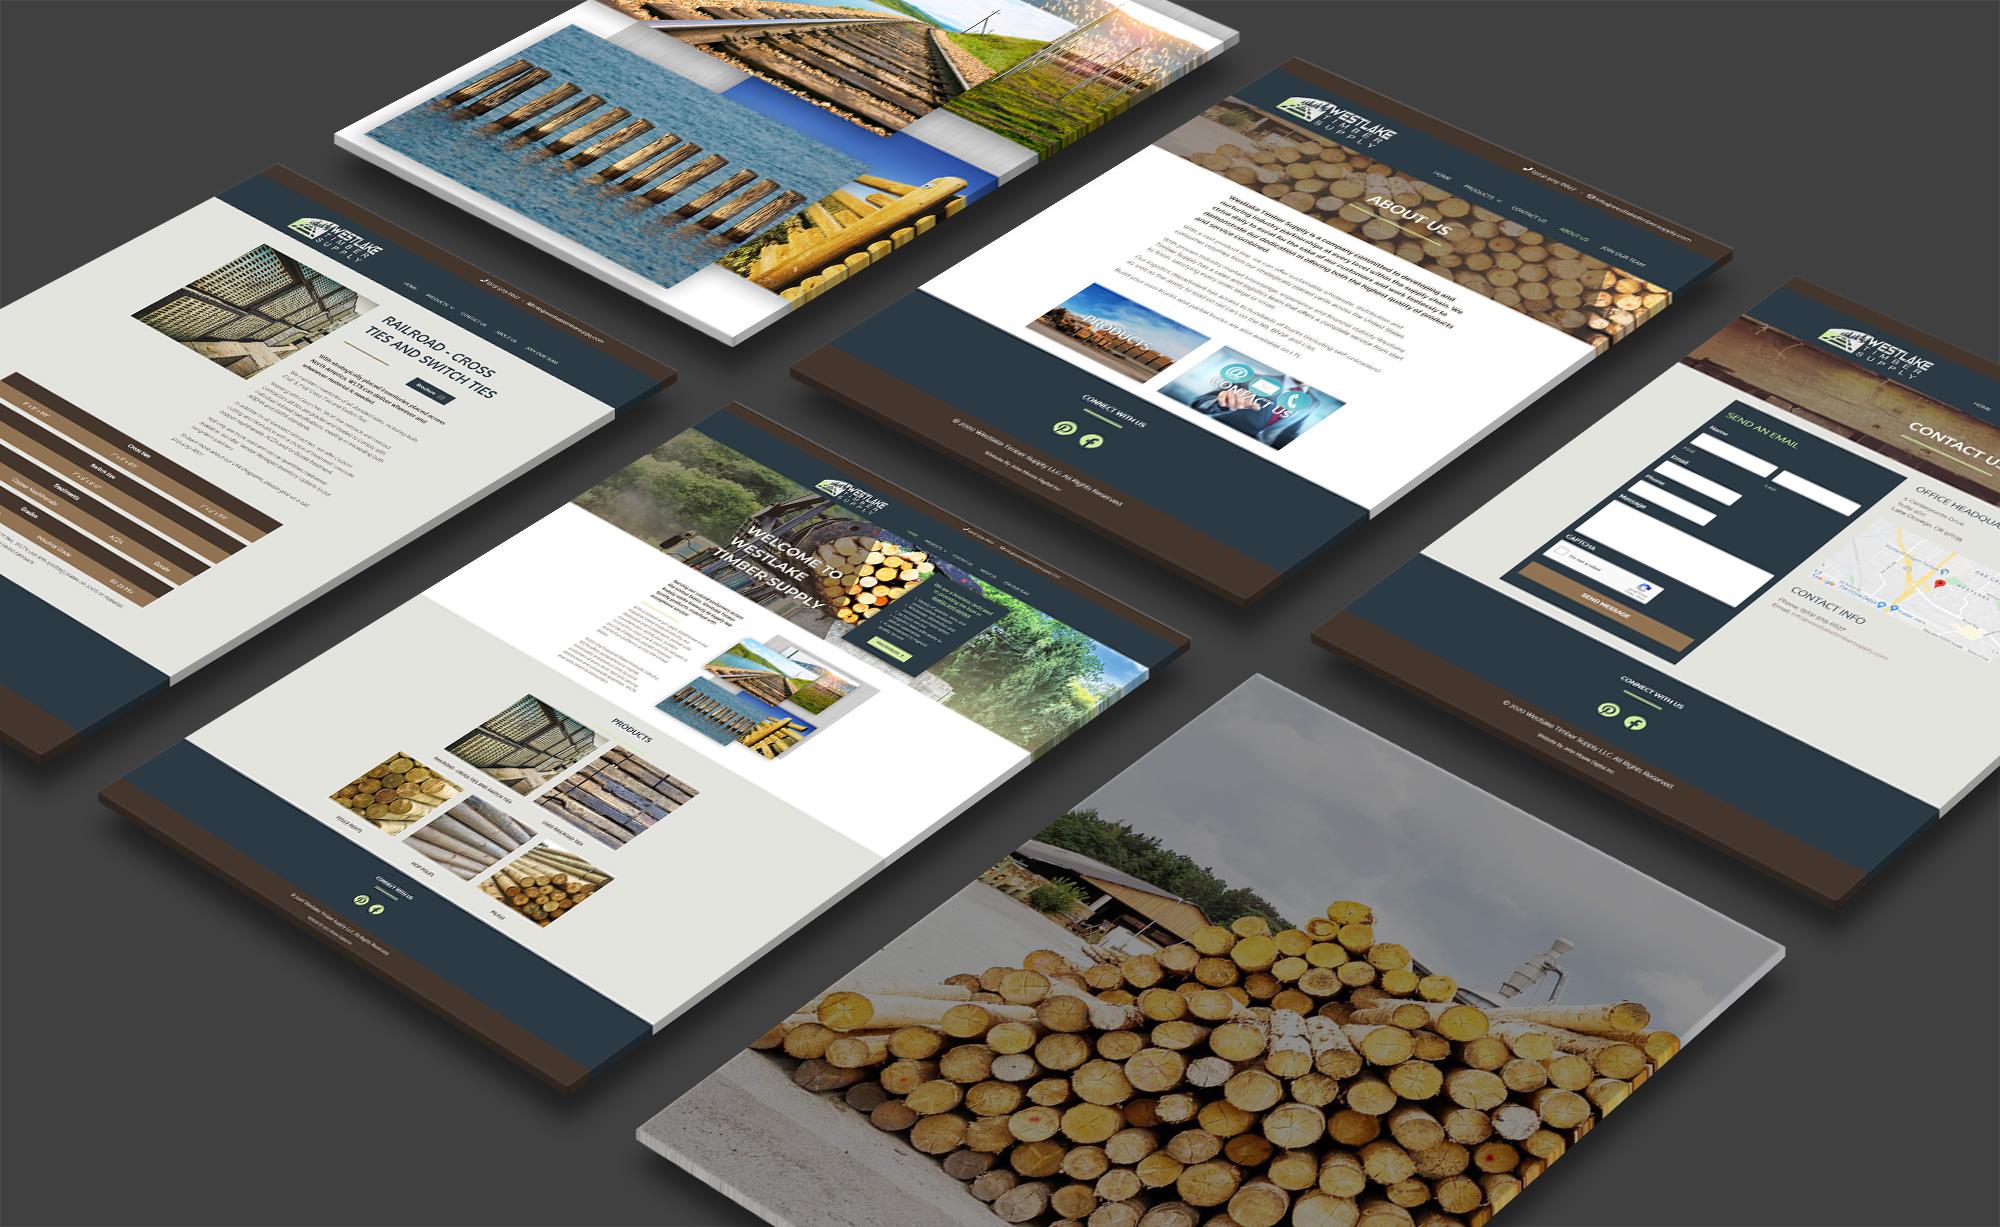 Mockup representation of Westlake Timber Supply website